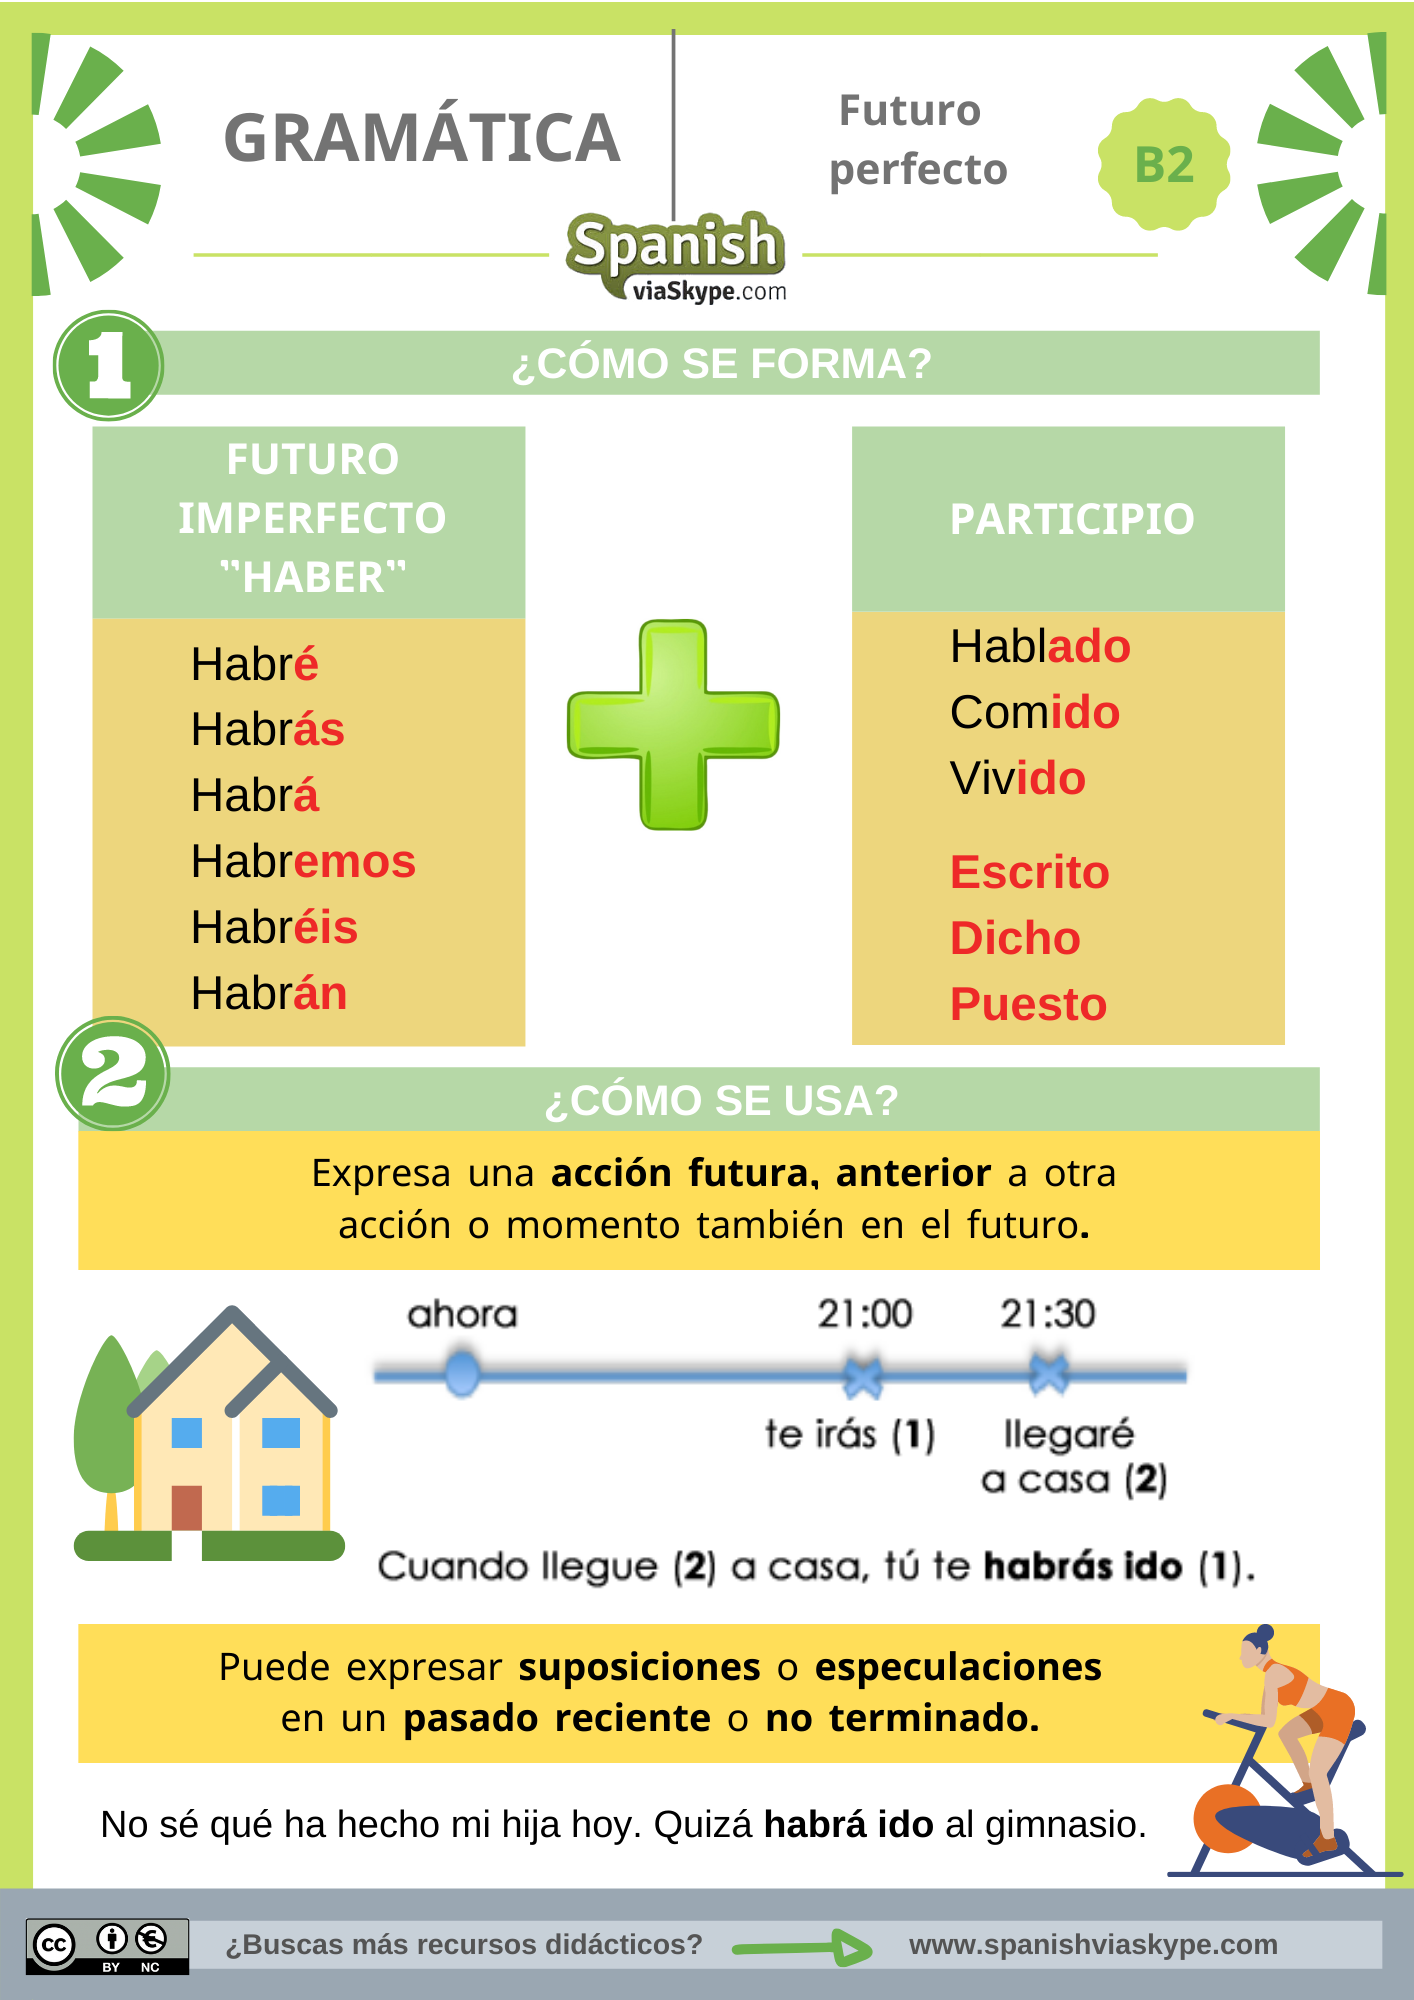 Infografía sobre el futuro perfecto en español